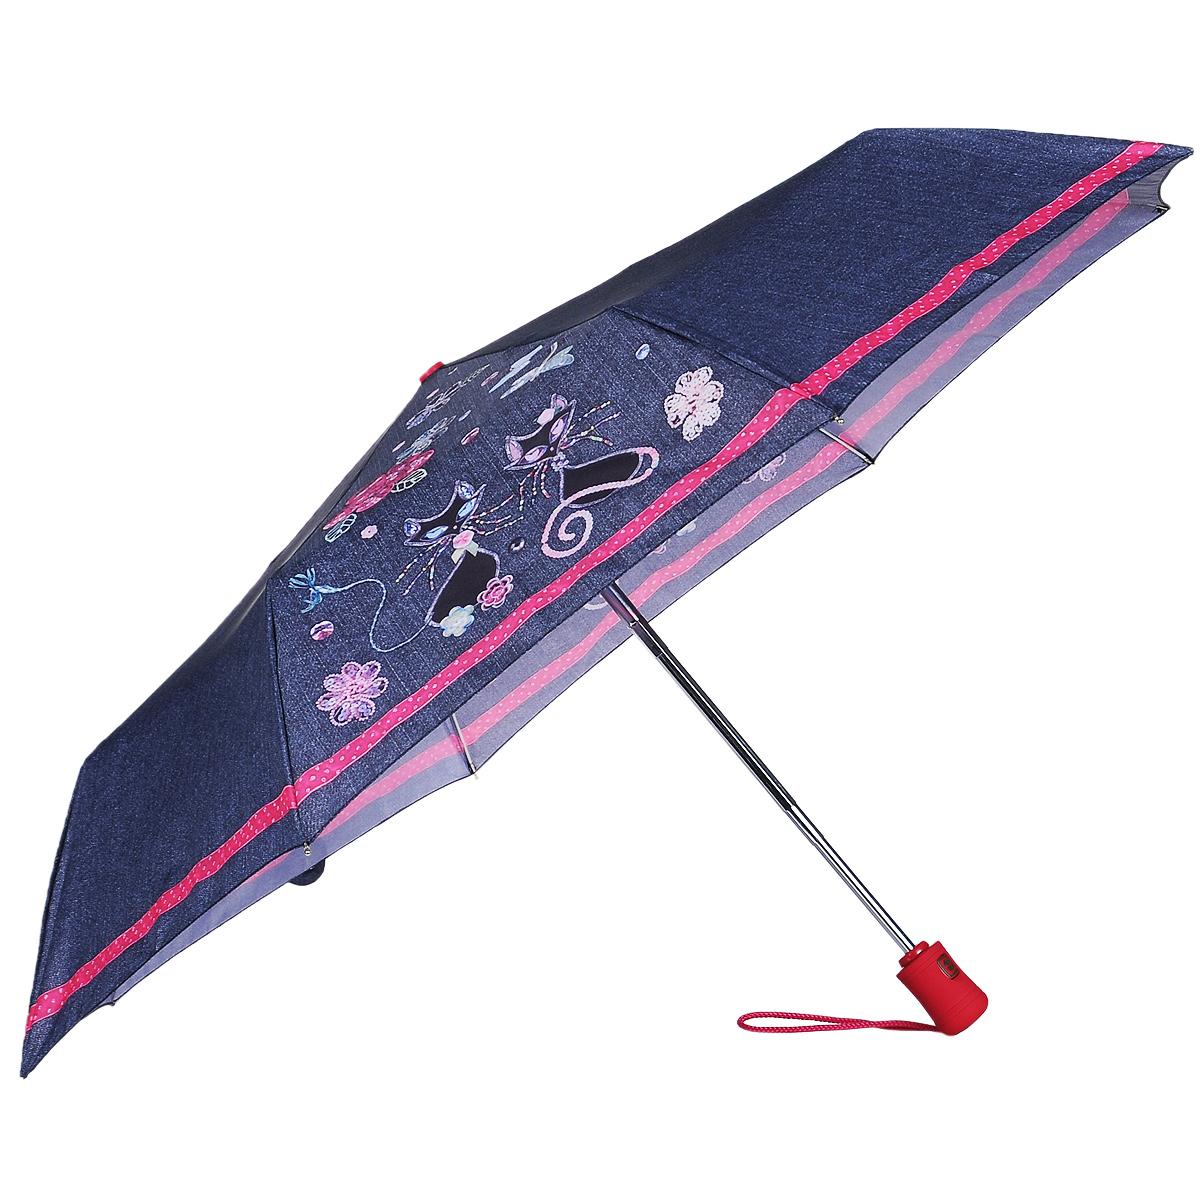 """Зонт женский Fulton Perdy & Princess, автомат, 3 сложения, цвет: серый, розовый. R346R346_темно-синий_КошкиСтильный зонт Fulton """"Perdy & Princess"""" даже в ненастную погоду позволит вам оставаться женственной и элегантной. """"Ветростойкий"""" каркас зонта в 3 сложения состоит из восьми алюминиевых спиц с элементами из фибергласса, стержень выполнен из стали. Зонт оснащен удобной рукояткой из прорезиненного пластика. Купол зонта выполнен из прочного полиэстера и оформлен изображением кошек и цветов. На рукоятке для удобства есть небольшой шнурок, позволяющий надеть зонт на руку тогда, когда это будет необходимо. К зонту прилагается чехол. Зонт автоматического сложения: купол открывается и закрывается нажатием на кнопку, стержень складывается вручную до характерного щелчка. Характеристики: Материал: алюминий, фибергласс, пластик, полиэстер, сталь. Длина зонта в сложенном виде: 27,5 см. Длина ручки (стержня) в раскрытом виде: 48 см."""